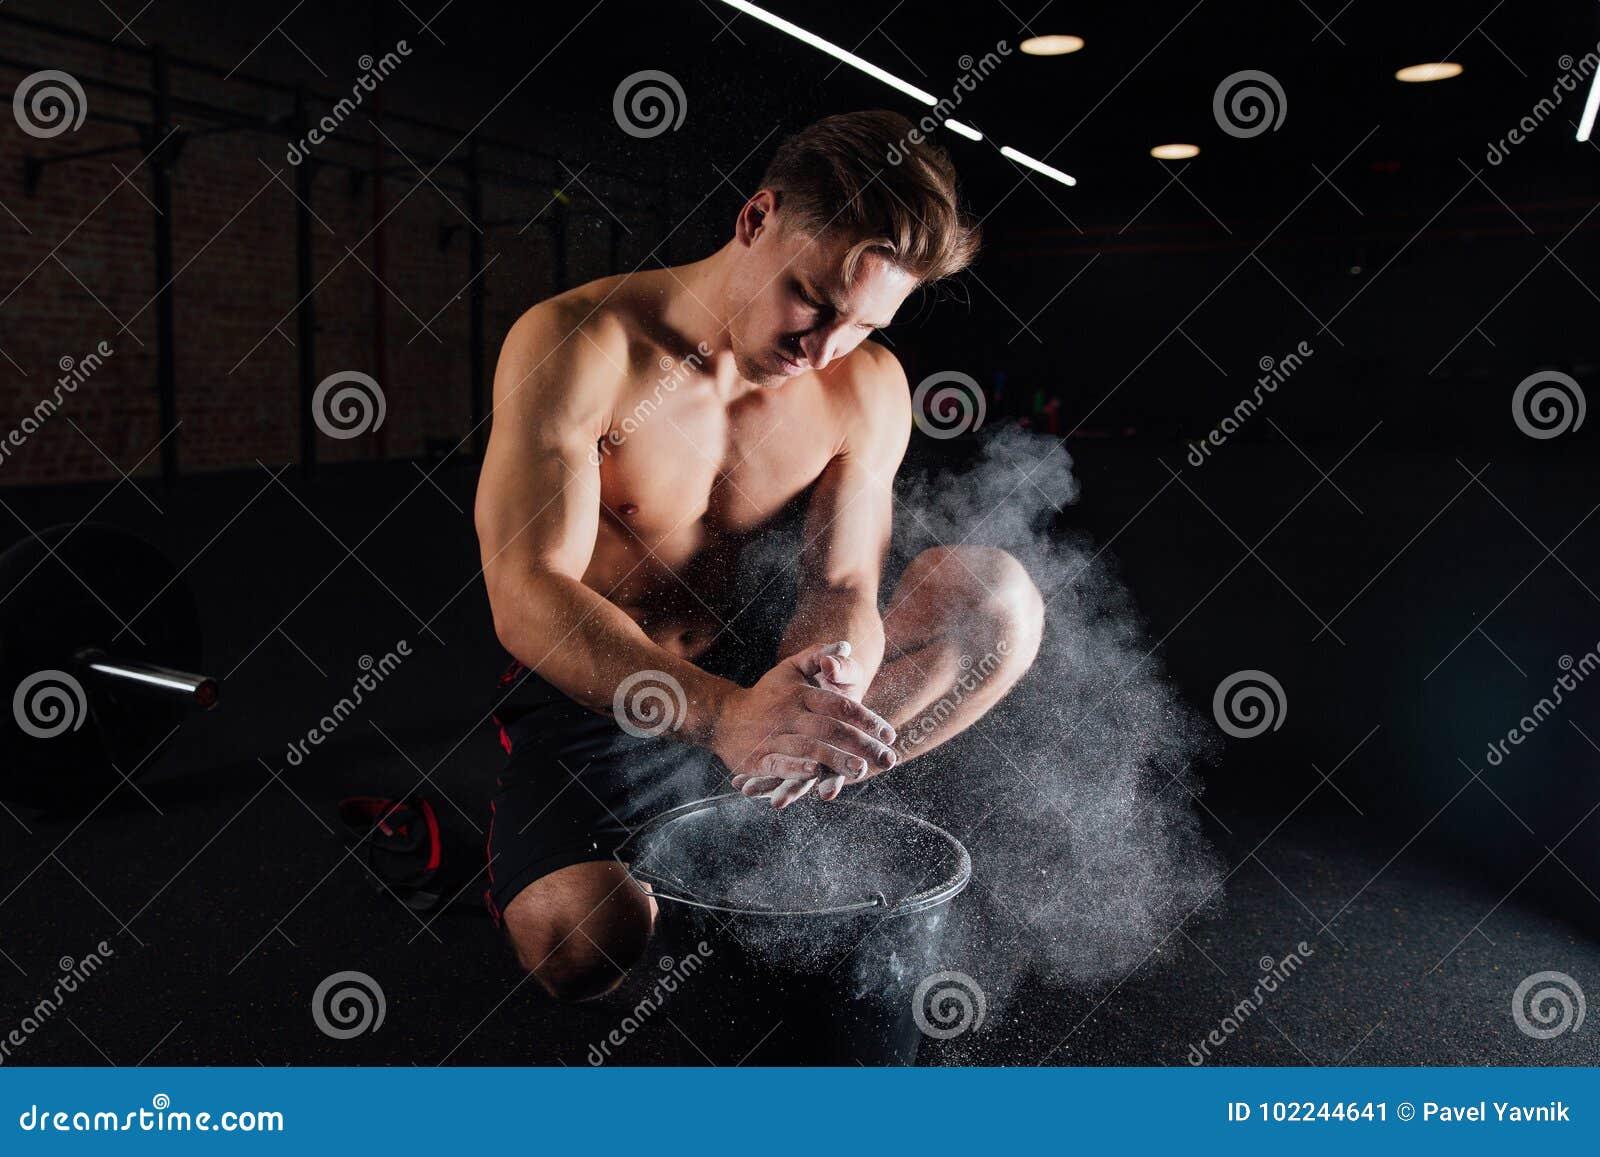 Ο πρότυπος εκπαιδευτής ικανότητας τρίβει τα χέρια του με την κιμωλία και talc έτσι ώστε τα δάχτυλα δεν γλιστρούν ή δεν γλιστρούν